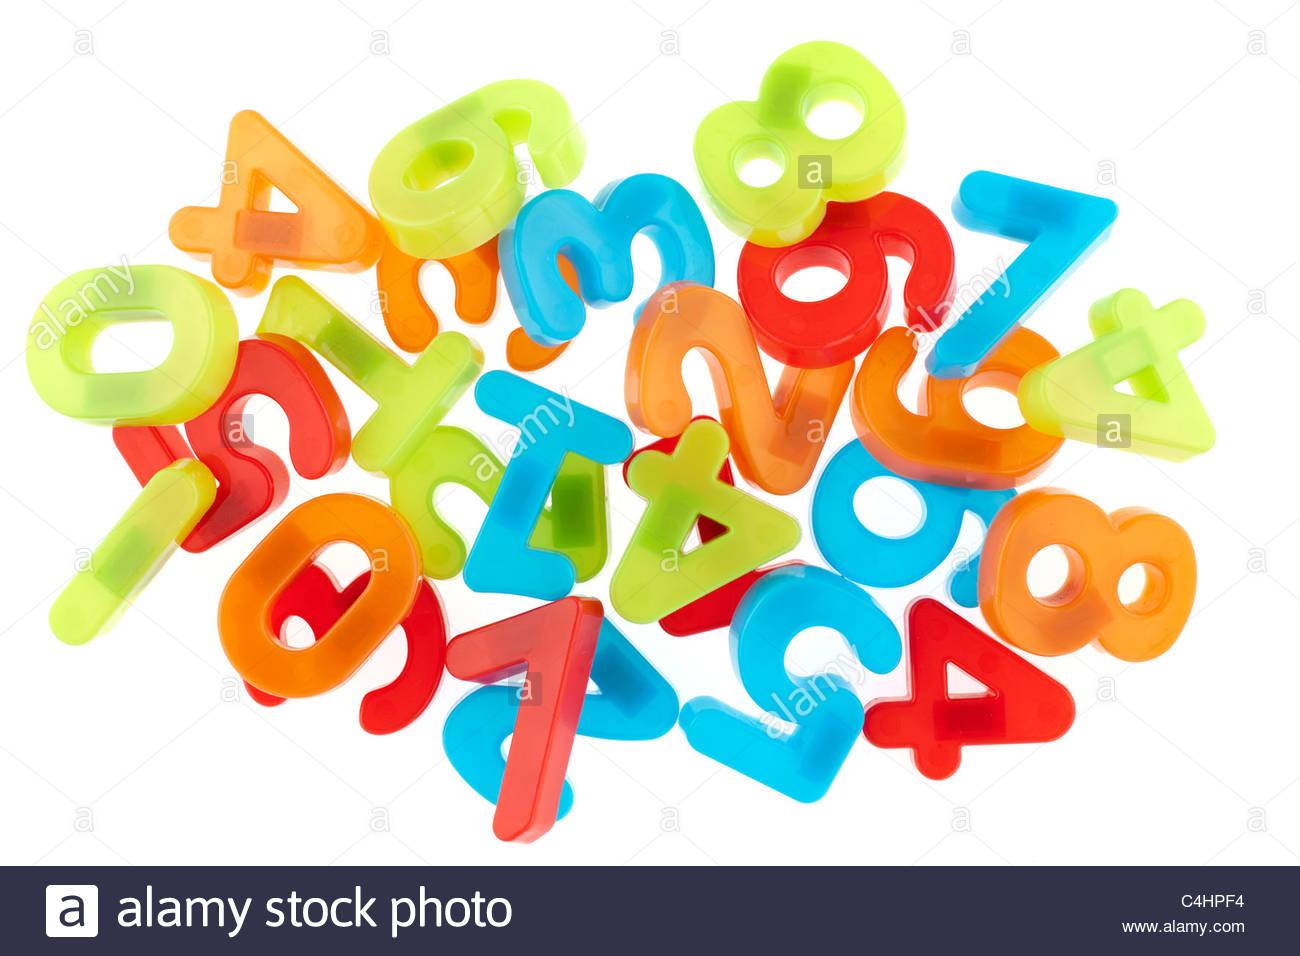 Numbers clipart jumbled. Portal